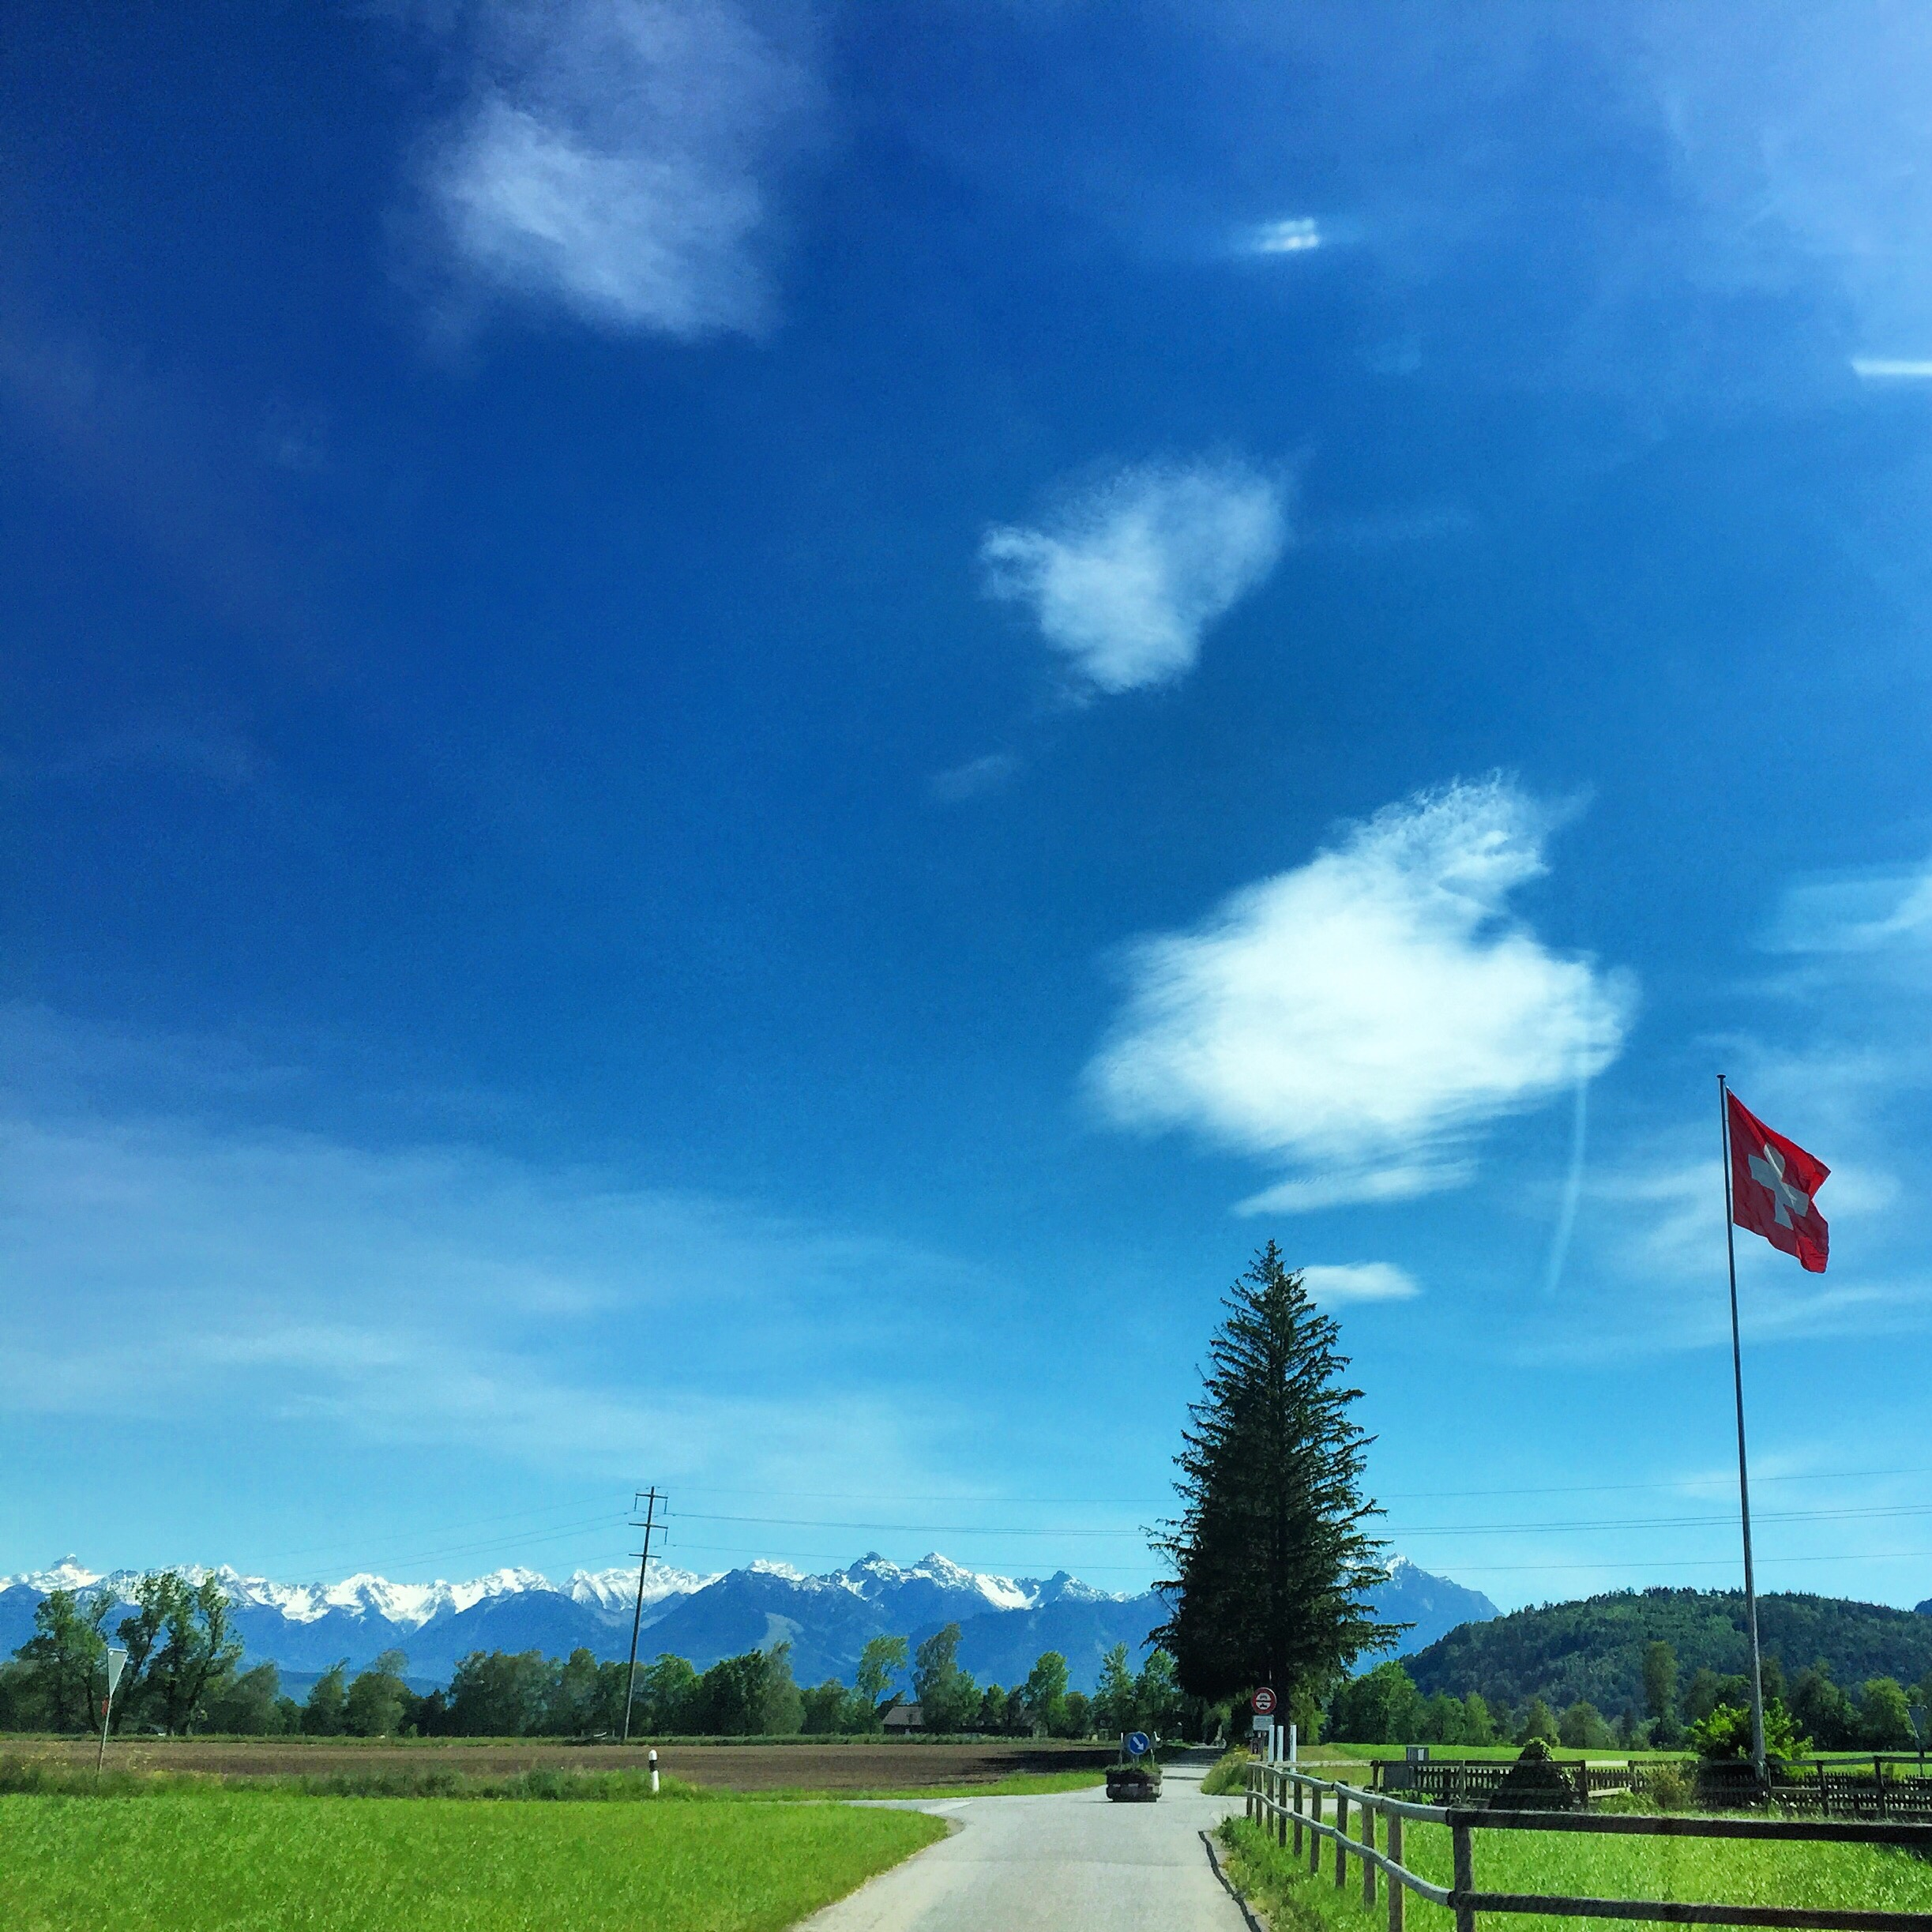 Tijdens het autorijden wel weer een mooi Zwitsers plaatje